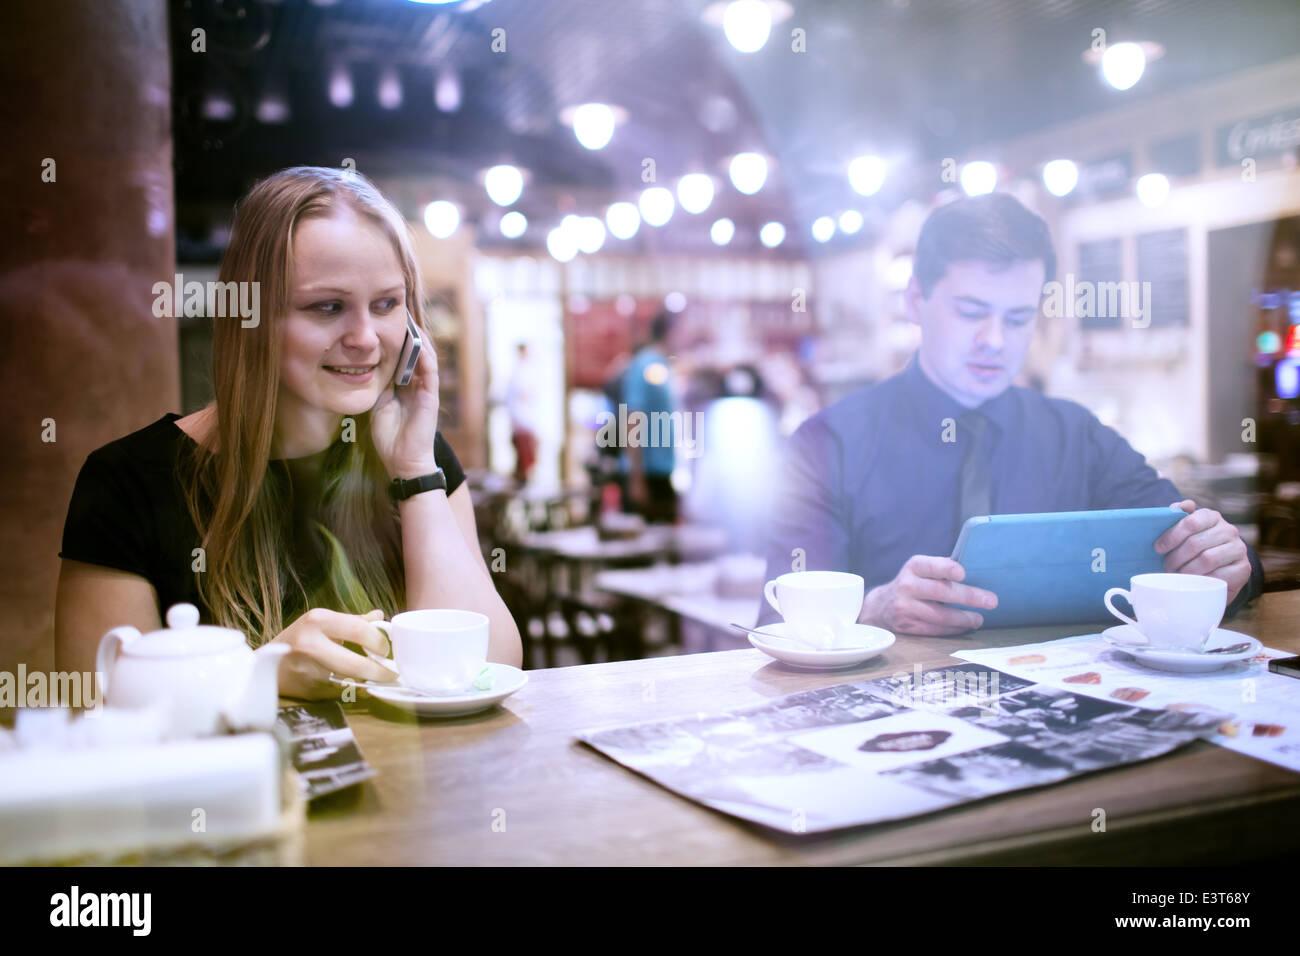 La mujer móvil bebiendo café Imagen De Stock